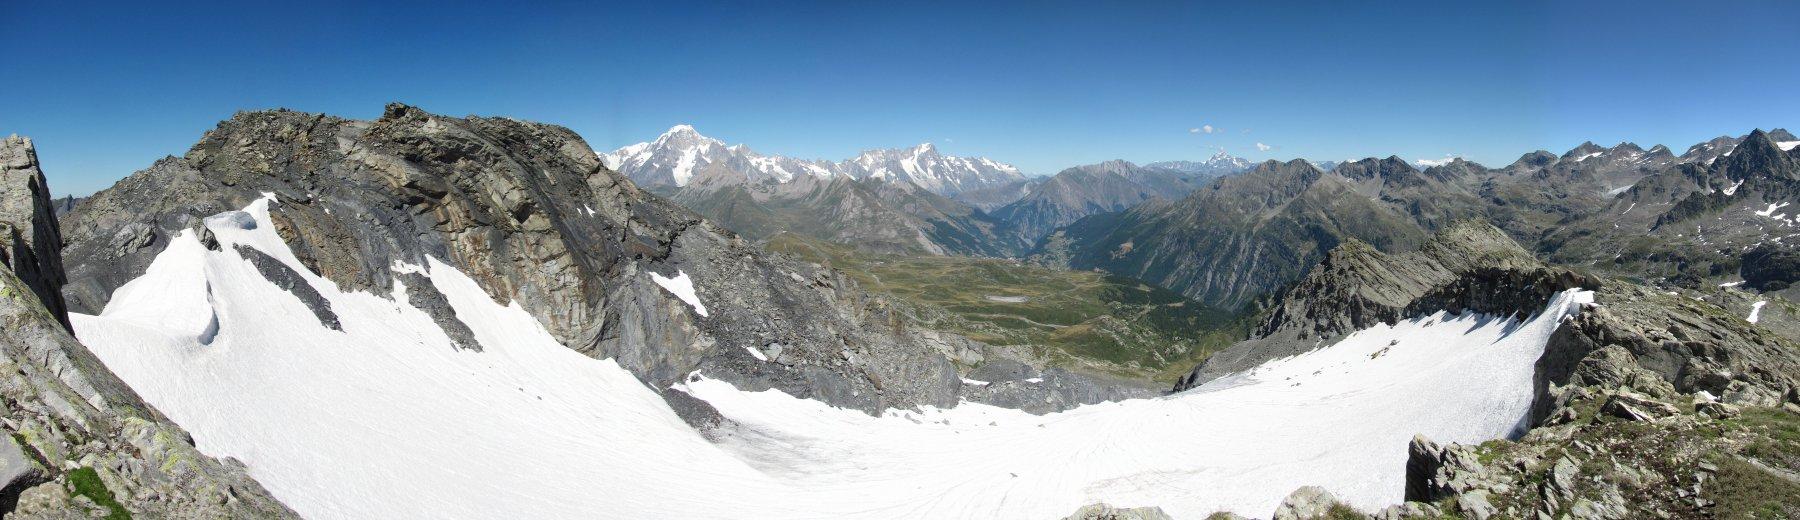 Panorama verso les Suches e la catena del Bianco, con Cima Centrale a sin. e Cima Orientale in fondo a ds. del ghiacciaio